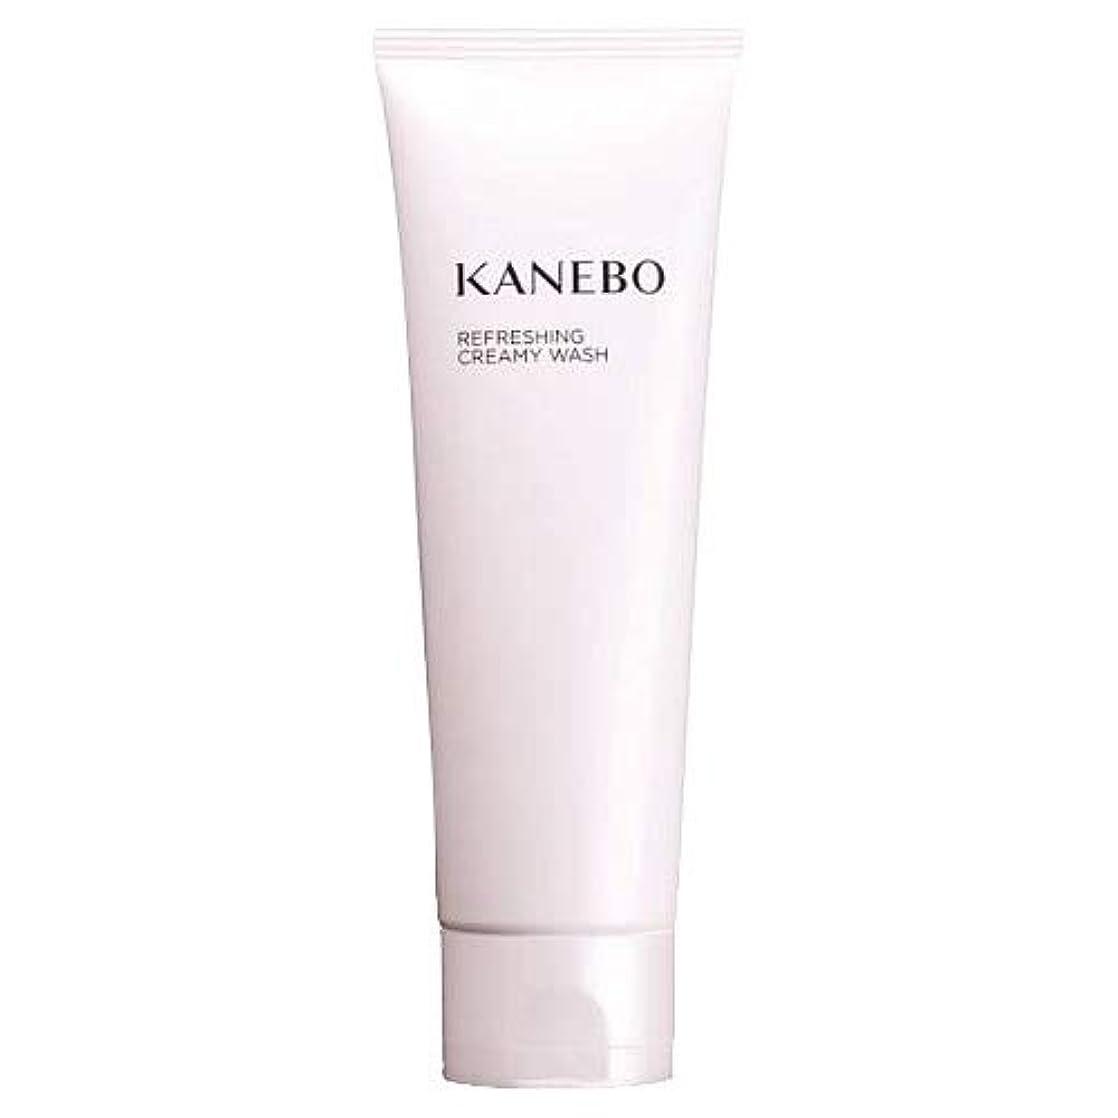 であるスーパーマーケット効率カネボウ KANEBO 洗顔フォーム リフレッシングクリーミィウォッシュ 120ml :宅急便対応 送料無料 再入荷10 [並行輸入品]